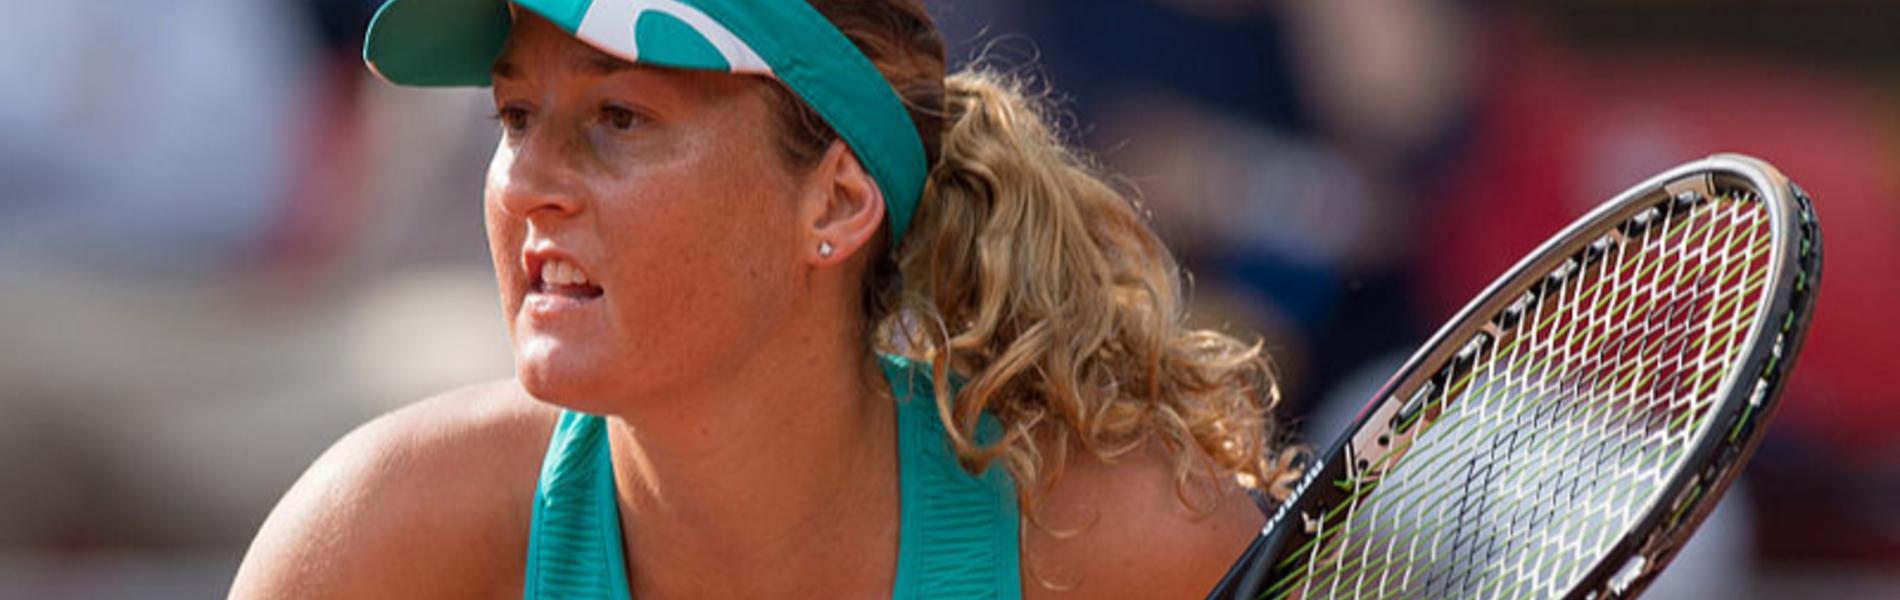 שחר פאר: למדתי איך להפוך את הטניס לכלי טיפולי